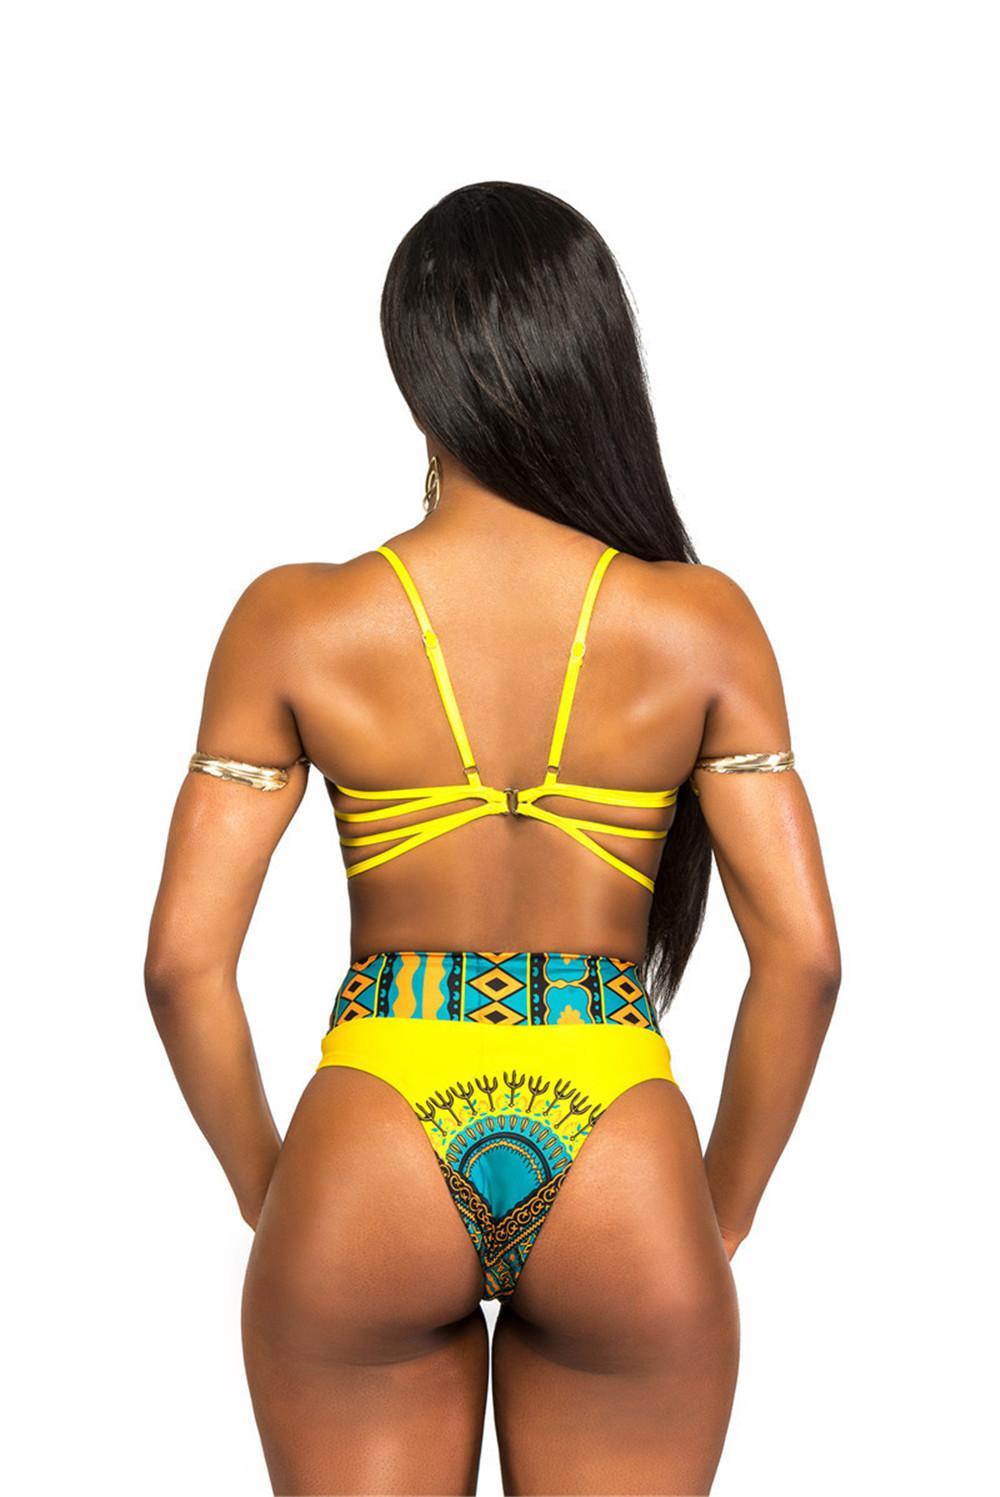 ragazze ci Swimwear sexy giallo del fumetto della signora della stampa della spiaggia del mare del bikini Split costume da bagno in due pezzi costume da bagno Cinture cinghie elastiche misura regolabile